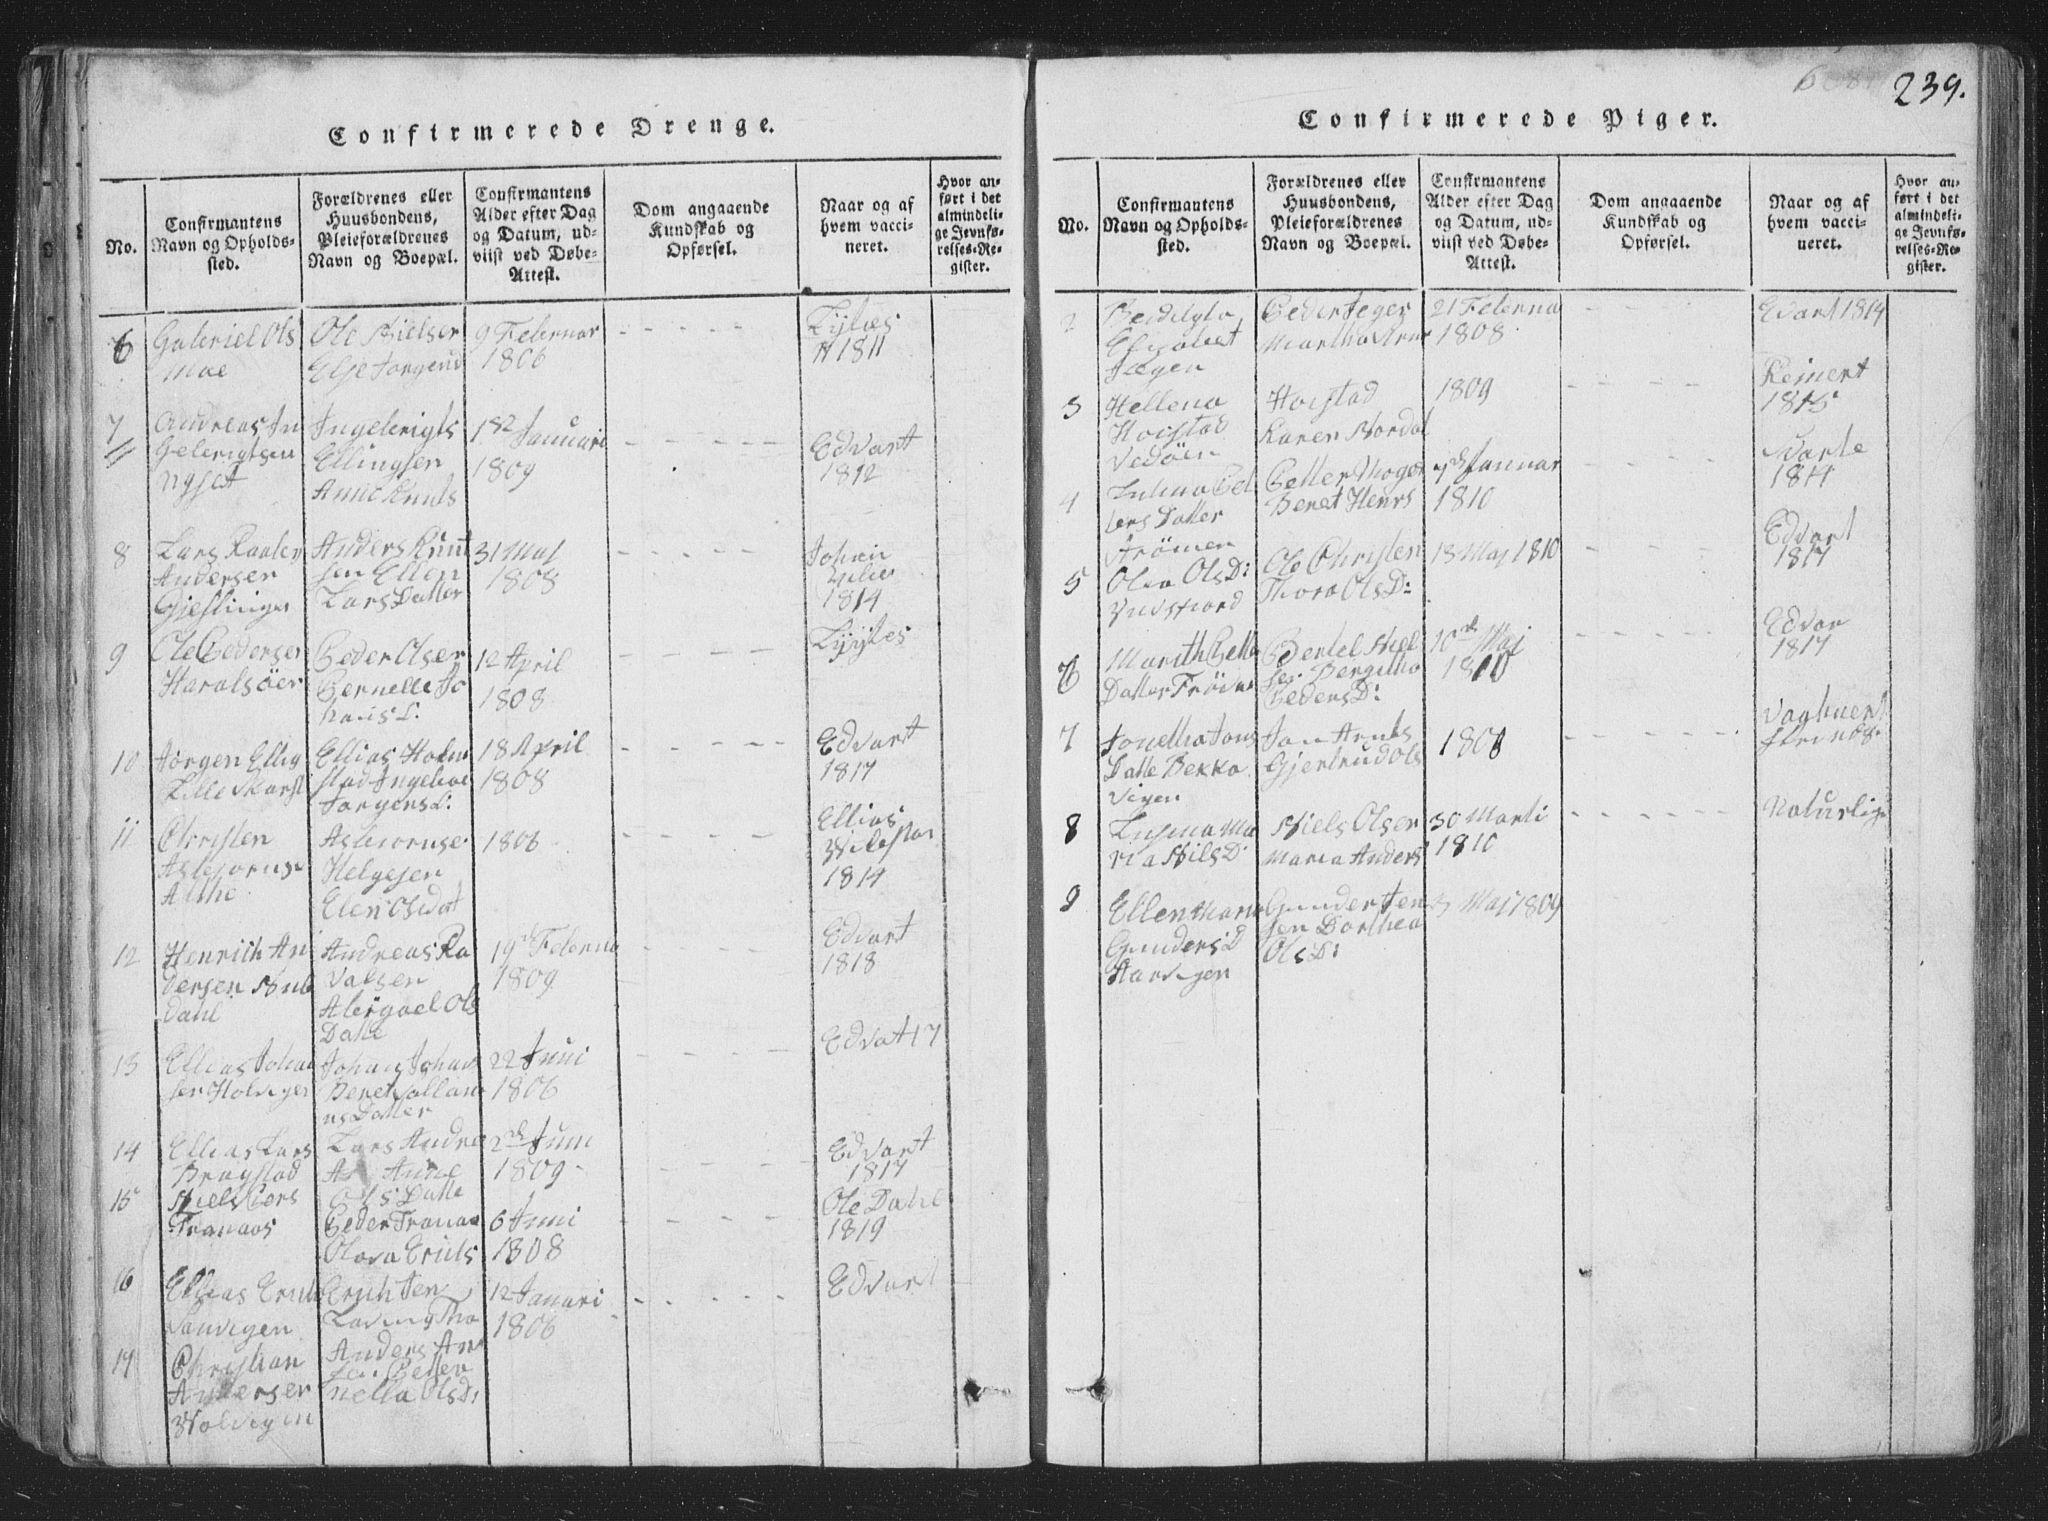 SAT, Ministerialprotokoller, klokkerbøker og fødselsregistre - Nord-Trøndelag, 773/L0613: Ministerialbok nr. 773A04, 1815-1845, s. 239